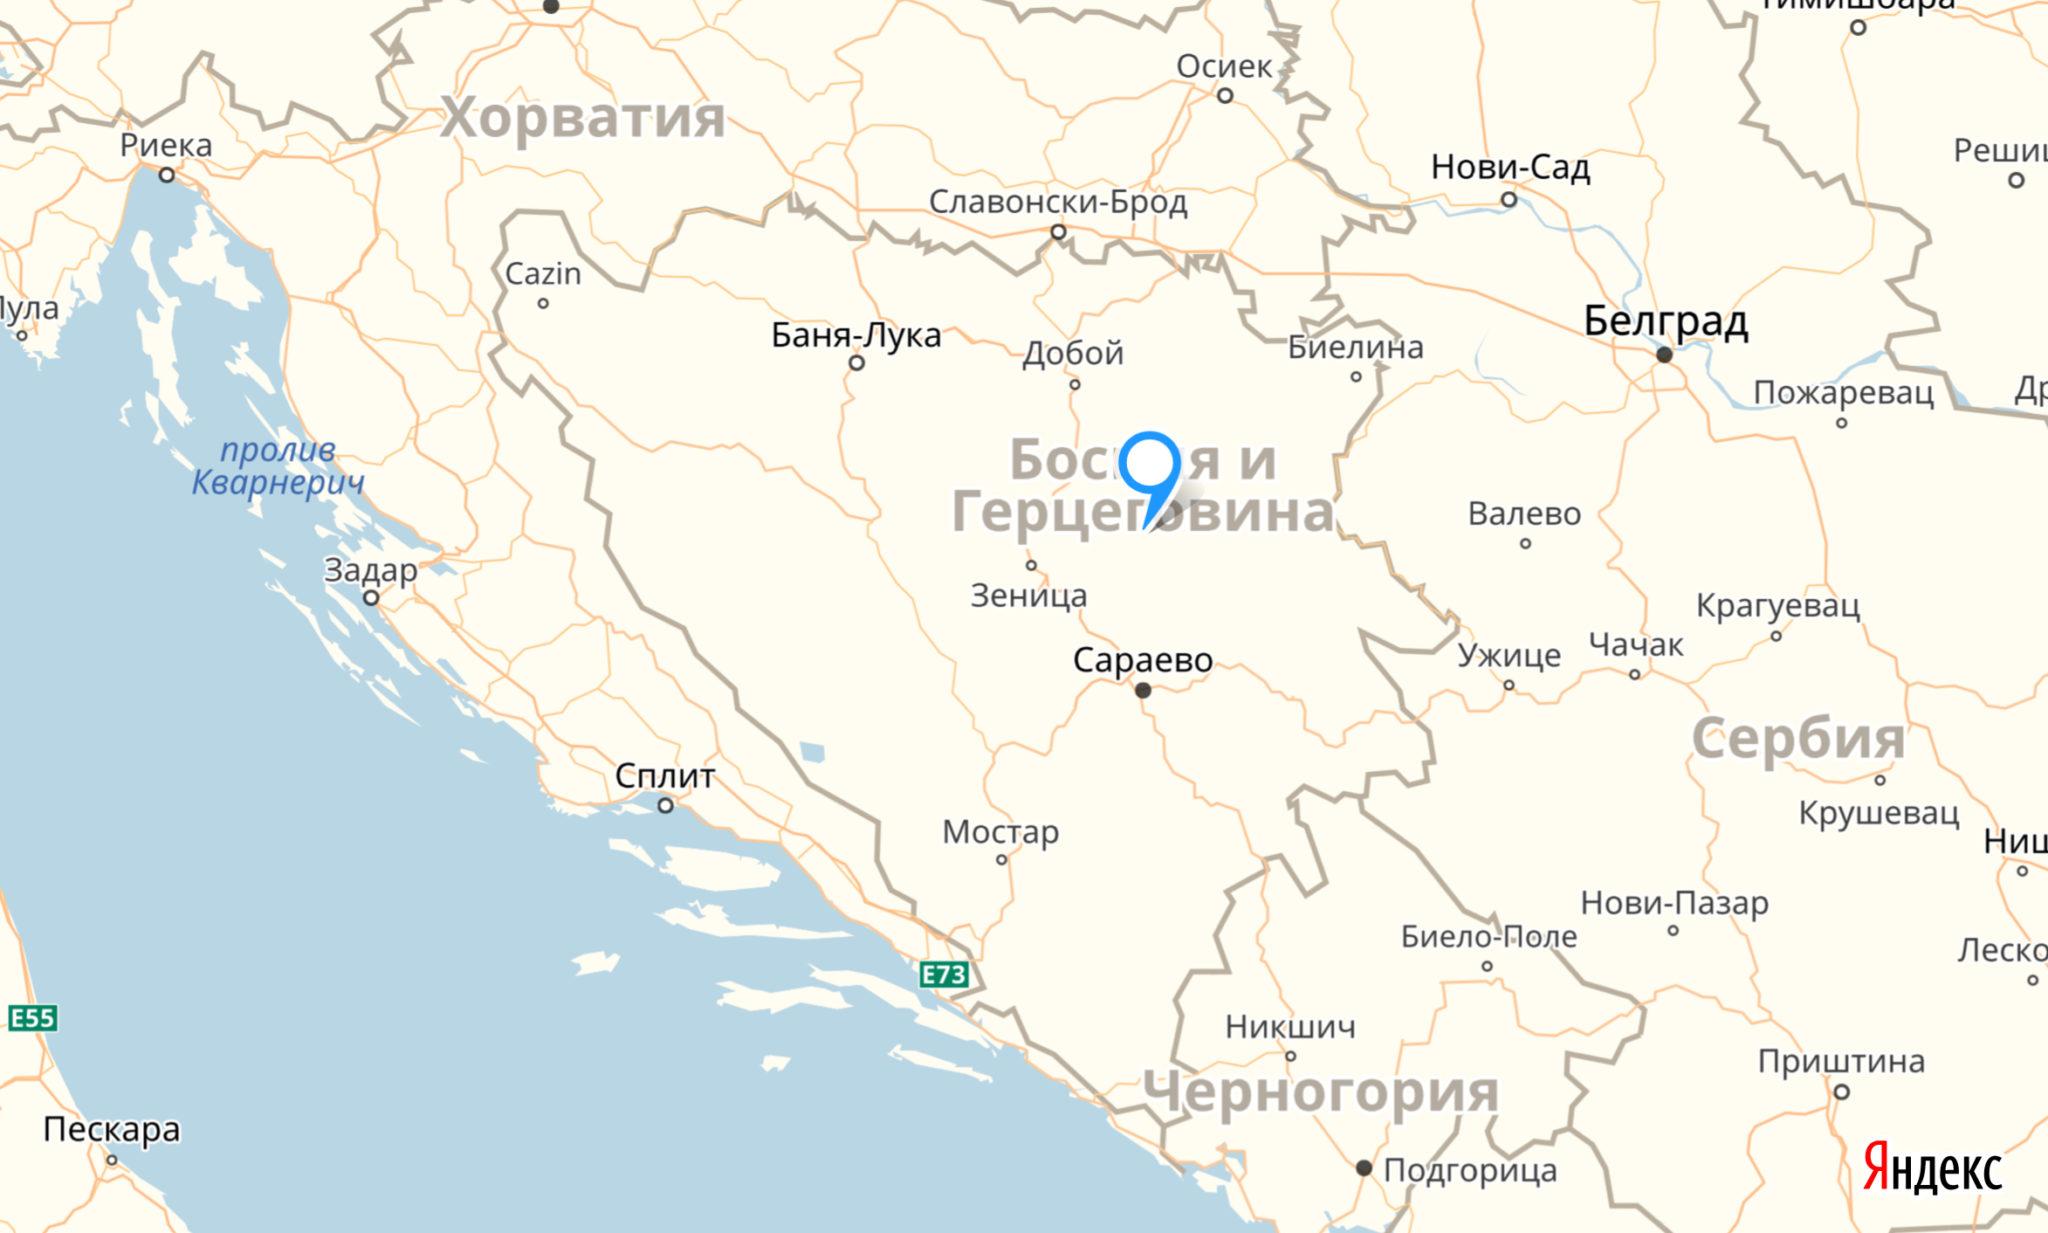 Босния и Герцеговина_11-03-2019_10-10-16